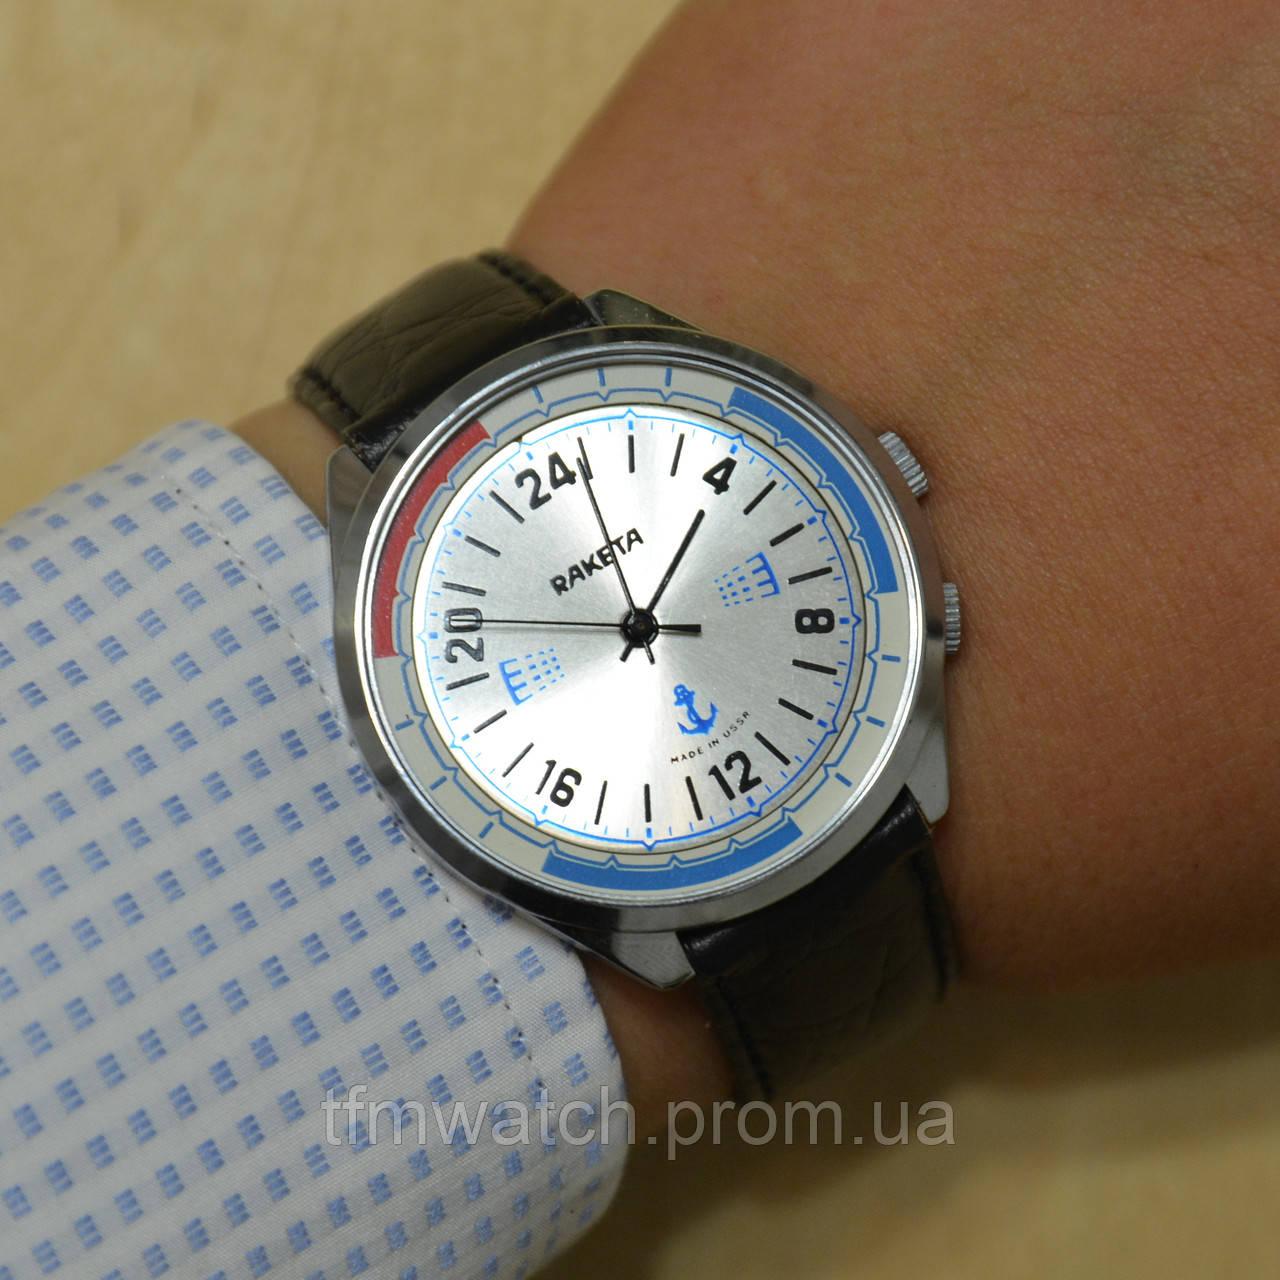 24 часы стоимость вахта ракета антиквариат продать часы